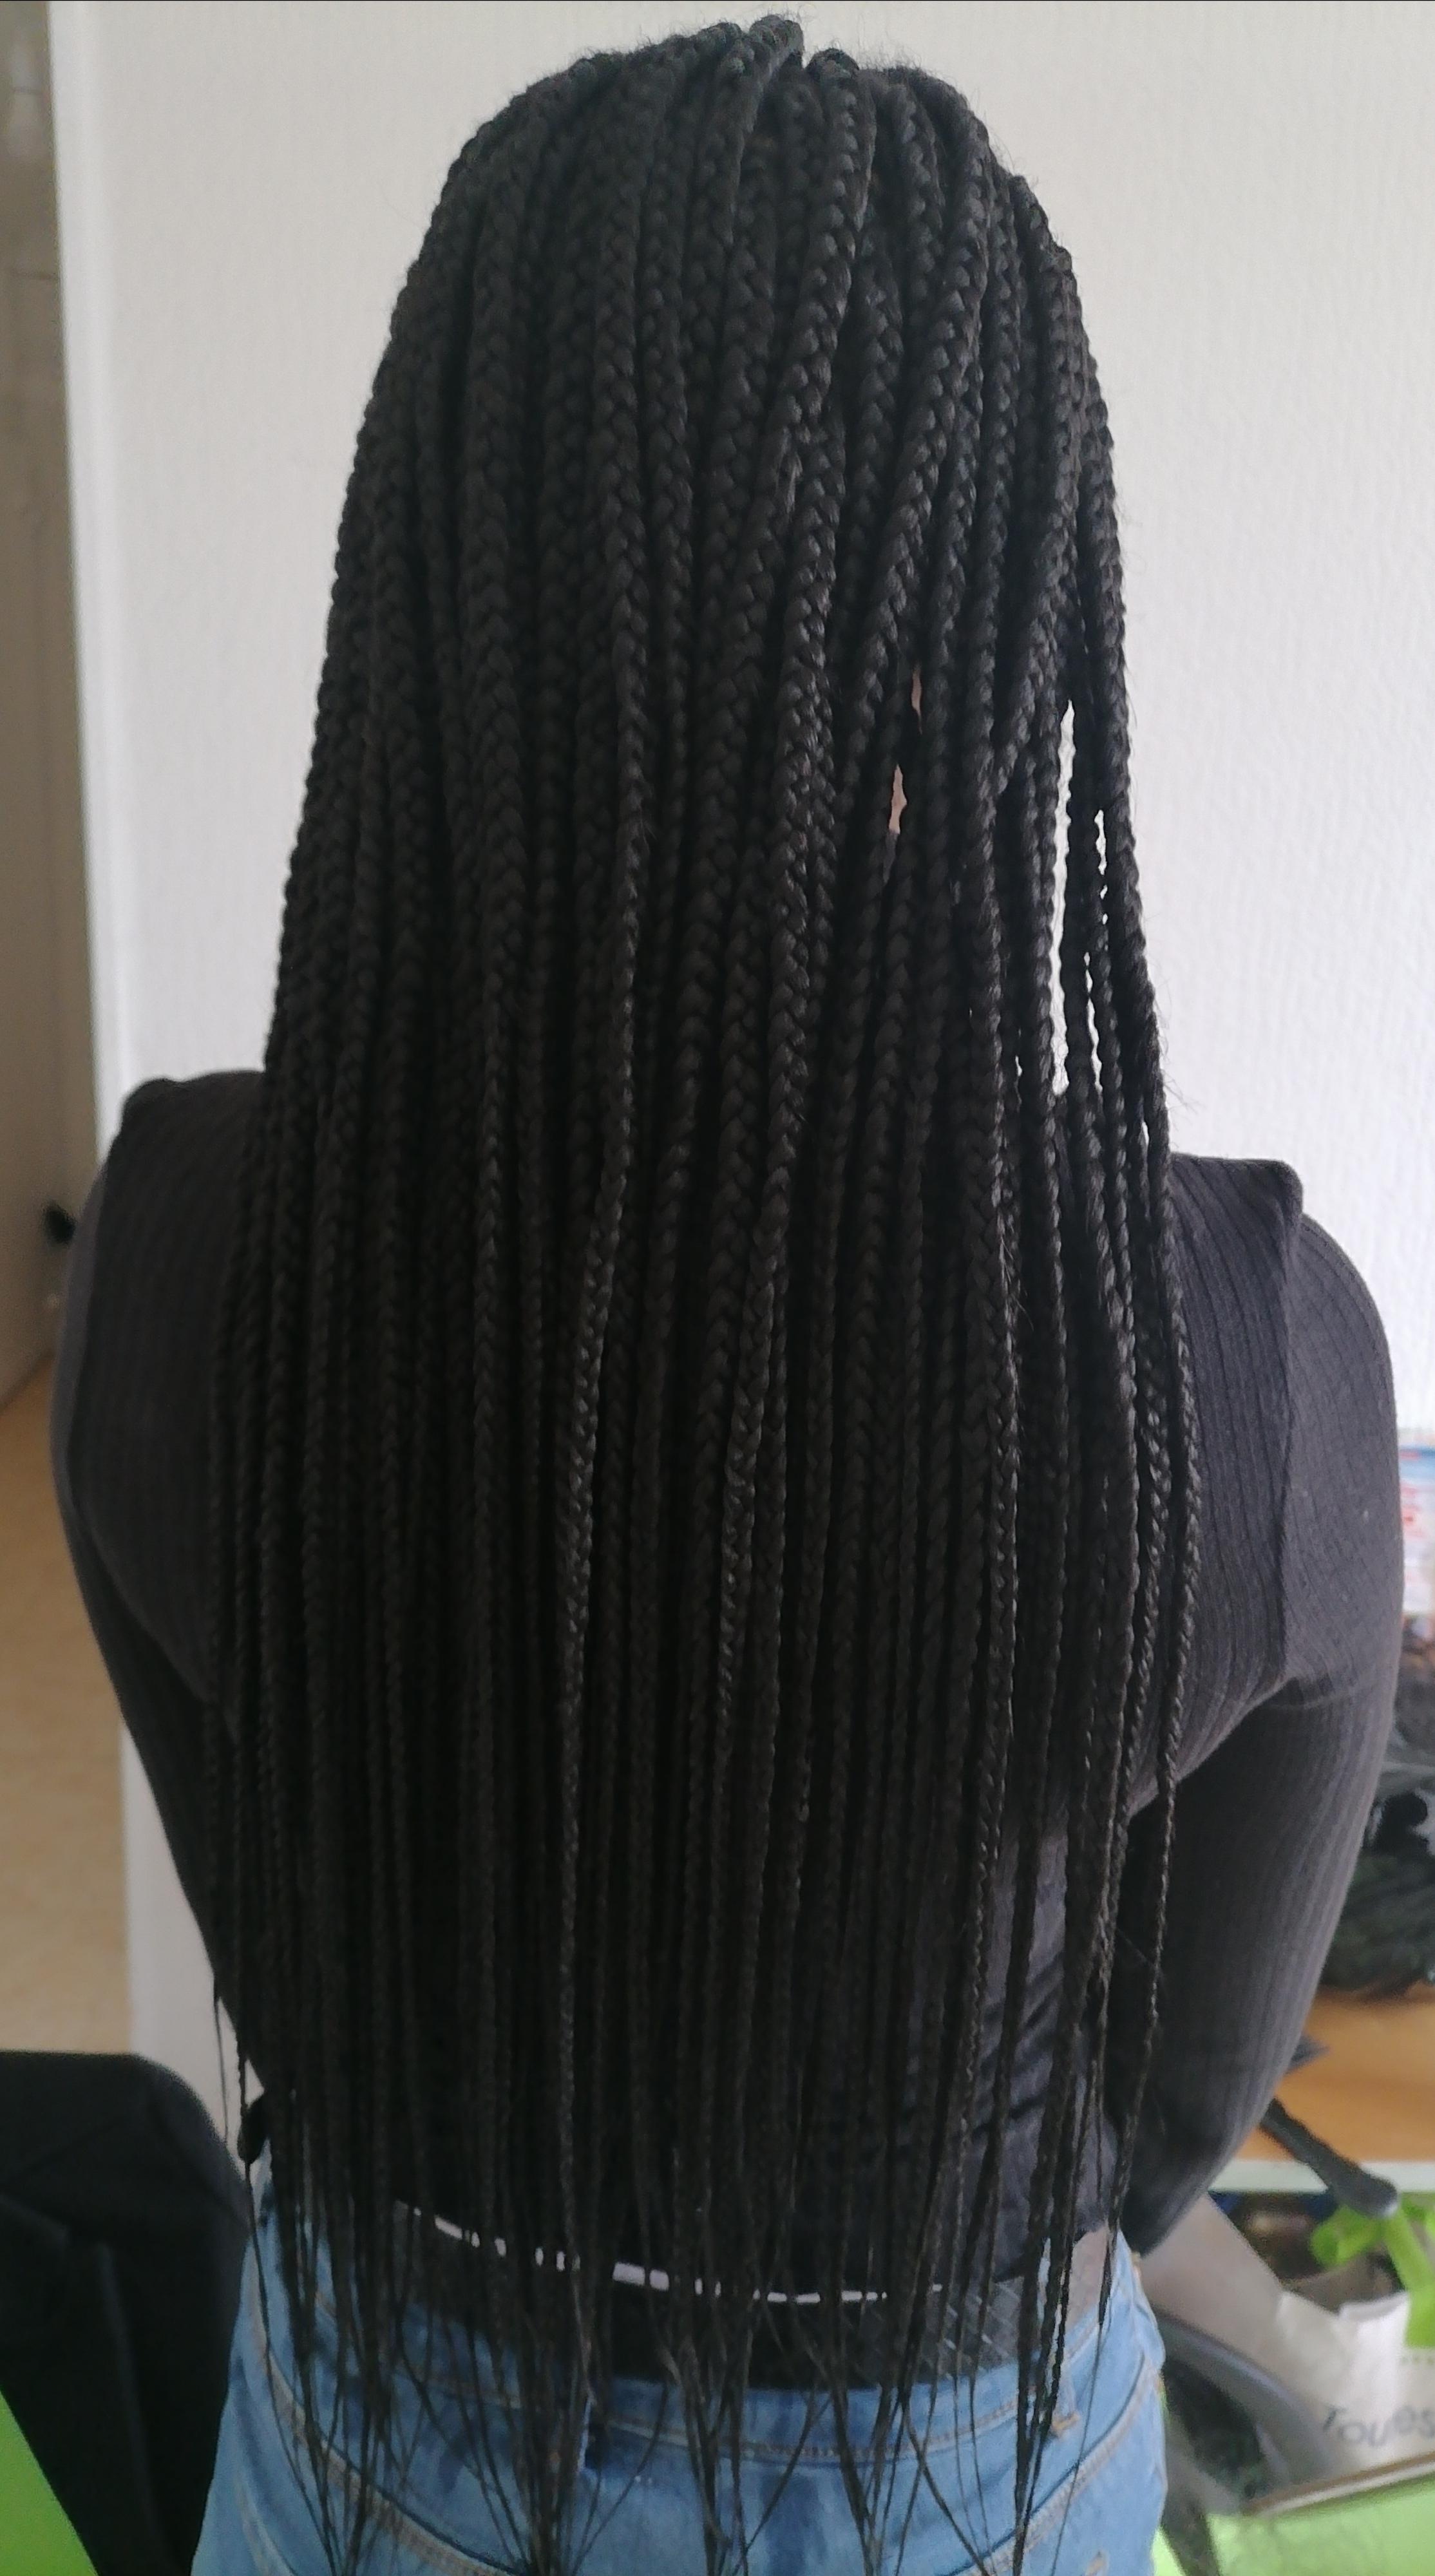 salon de coiffure afro tresse tresses box braids crochet braids vanilles tissages paris 75 77 78 91 92 93 94 95 EZTGZXVH